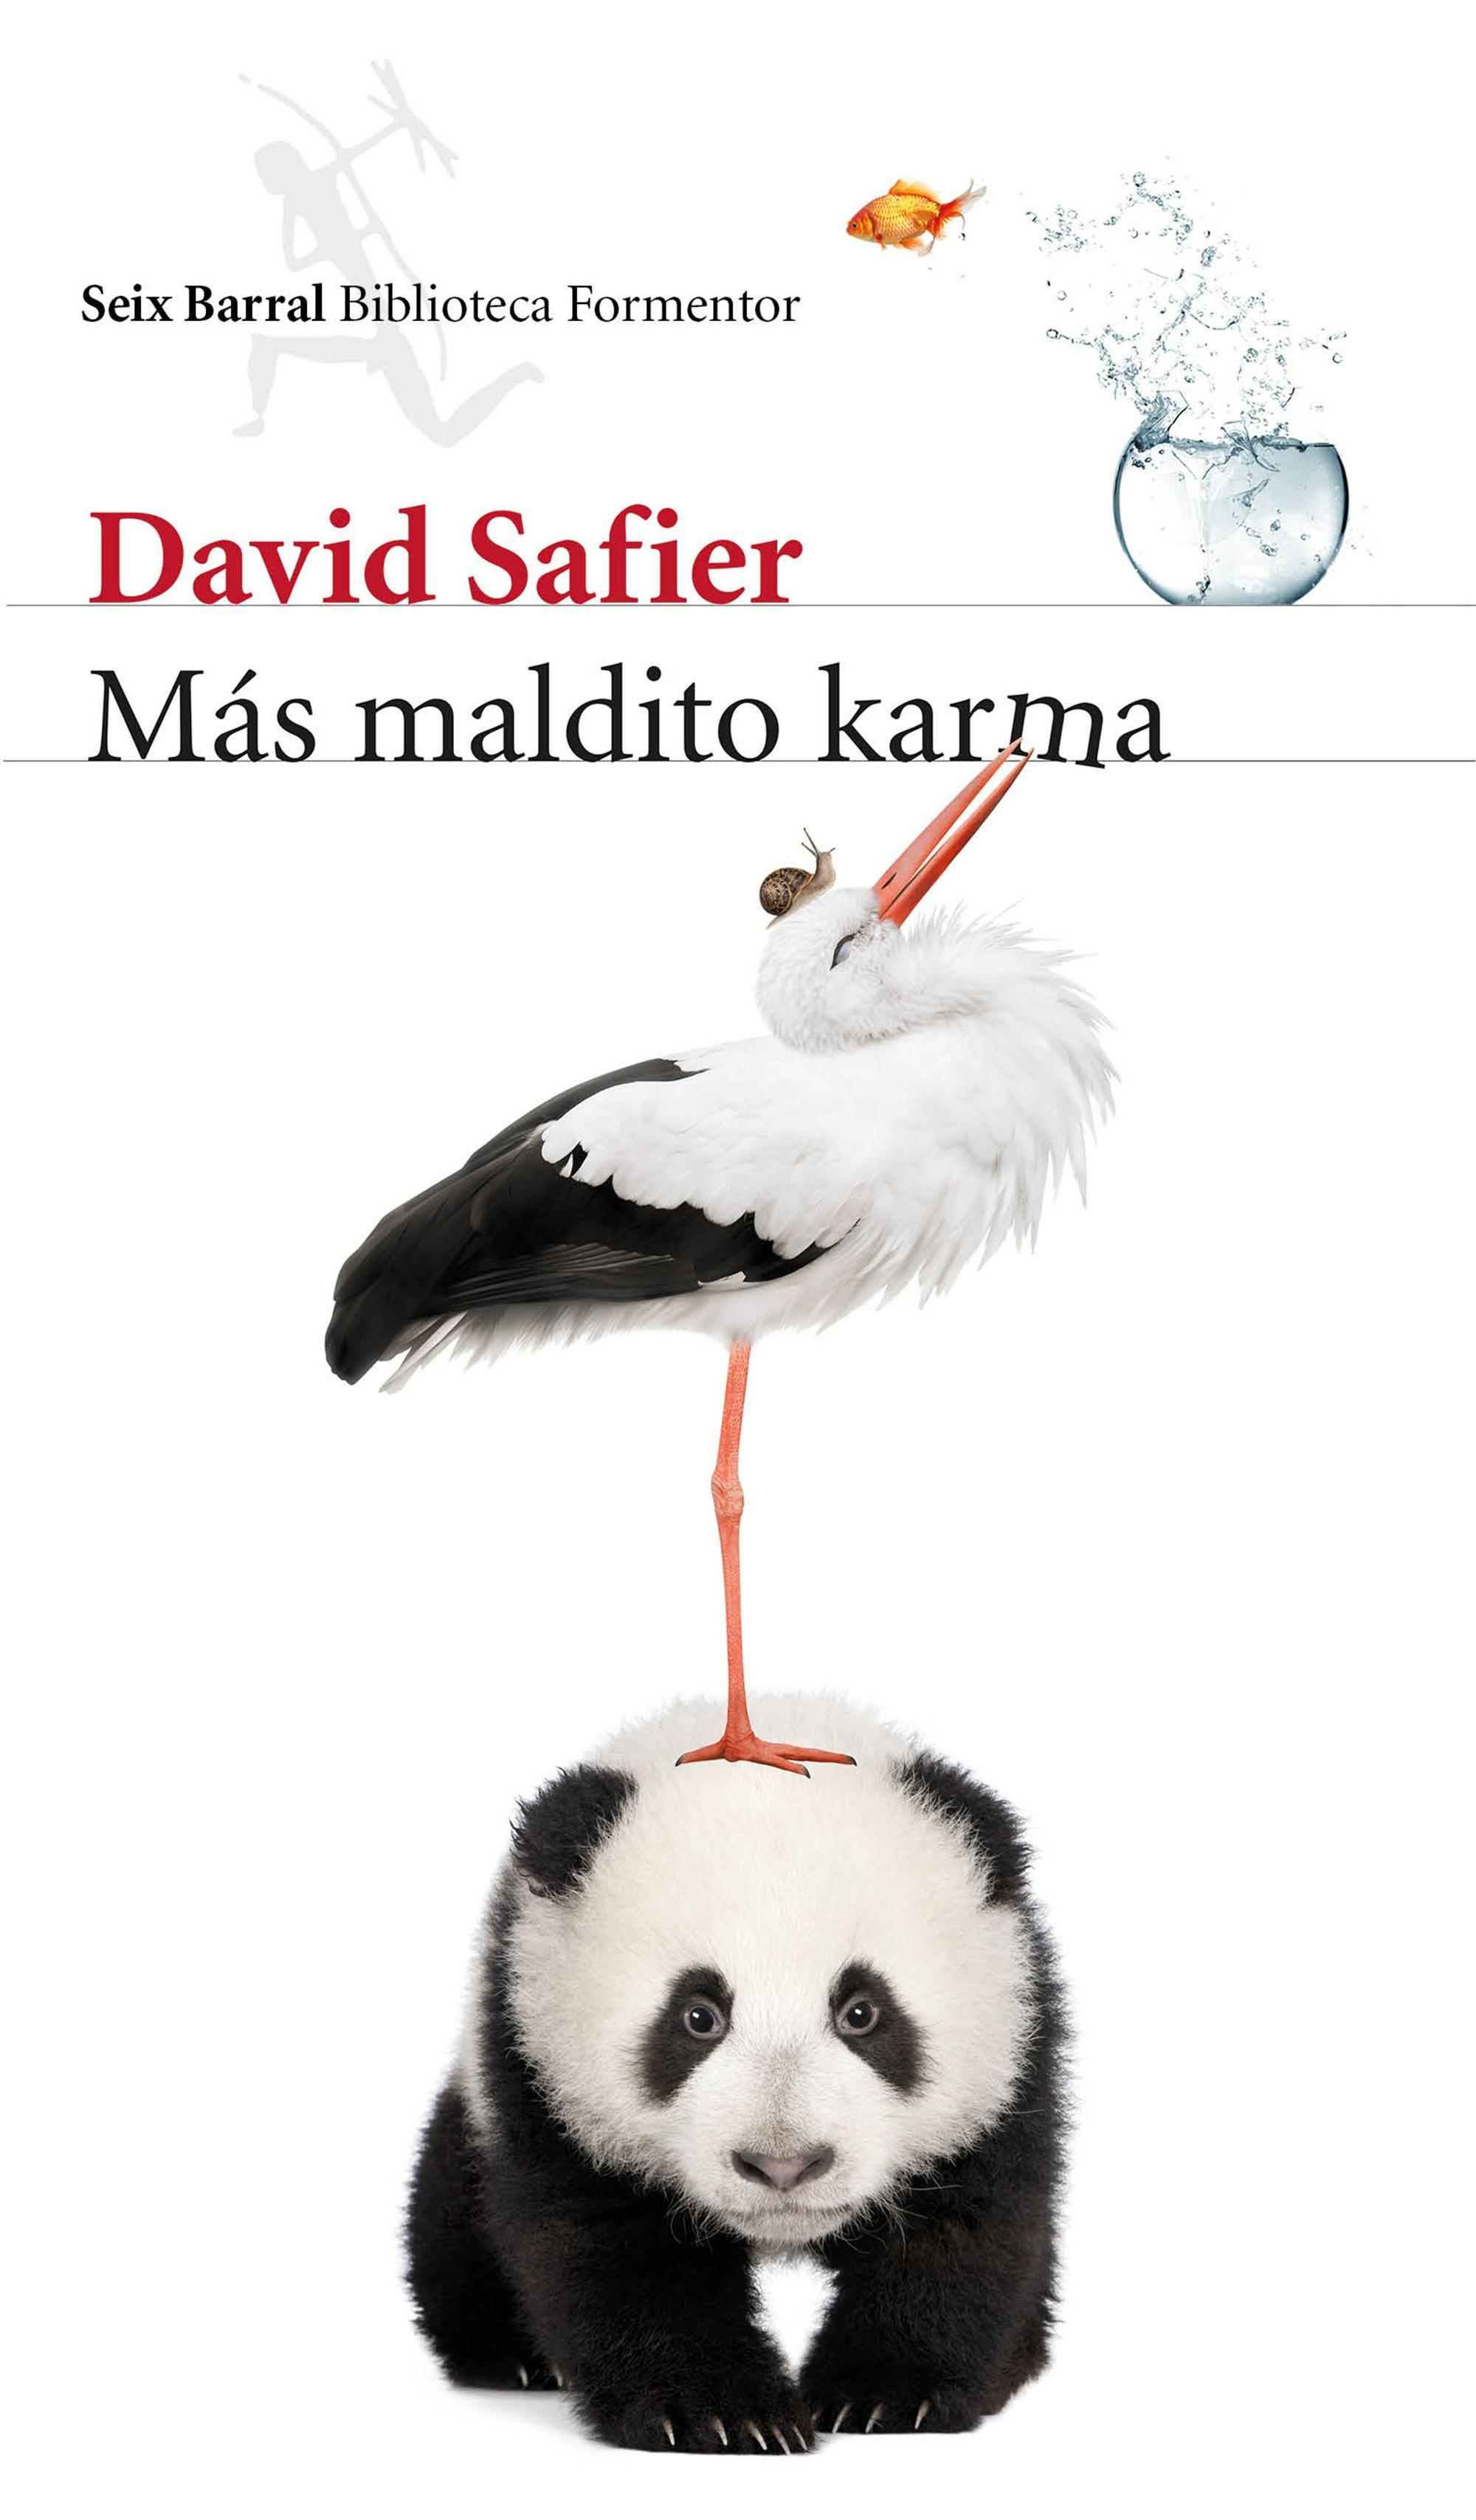 Descargar MAS MALDITO KARMA